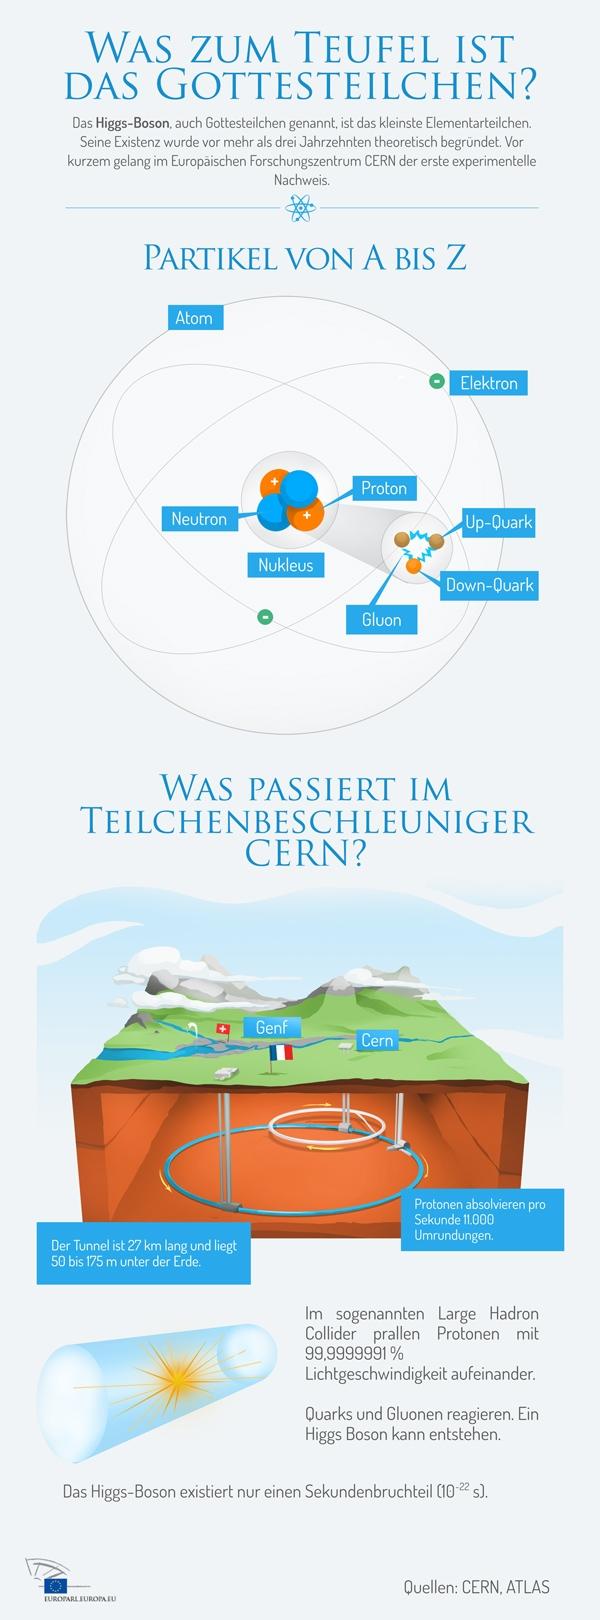 Infografik: Was ist das Gottesteilchen und wie funktioniert der europäische Teilchenbeschleuniger CERN